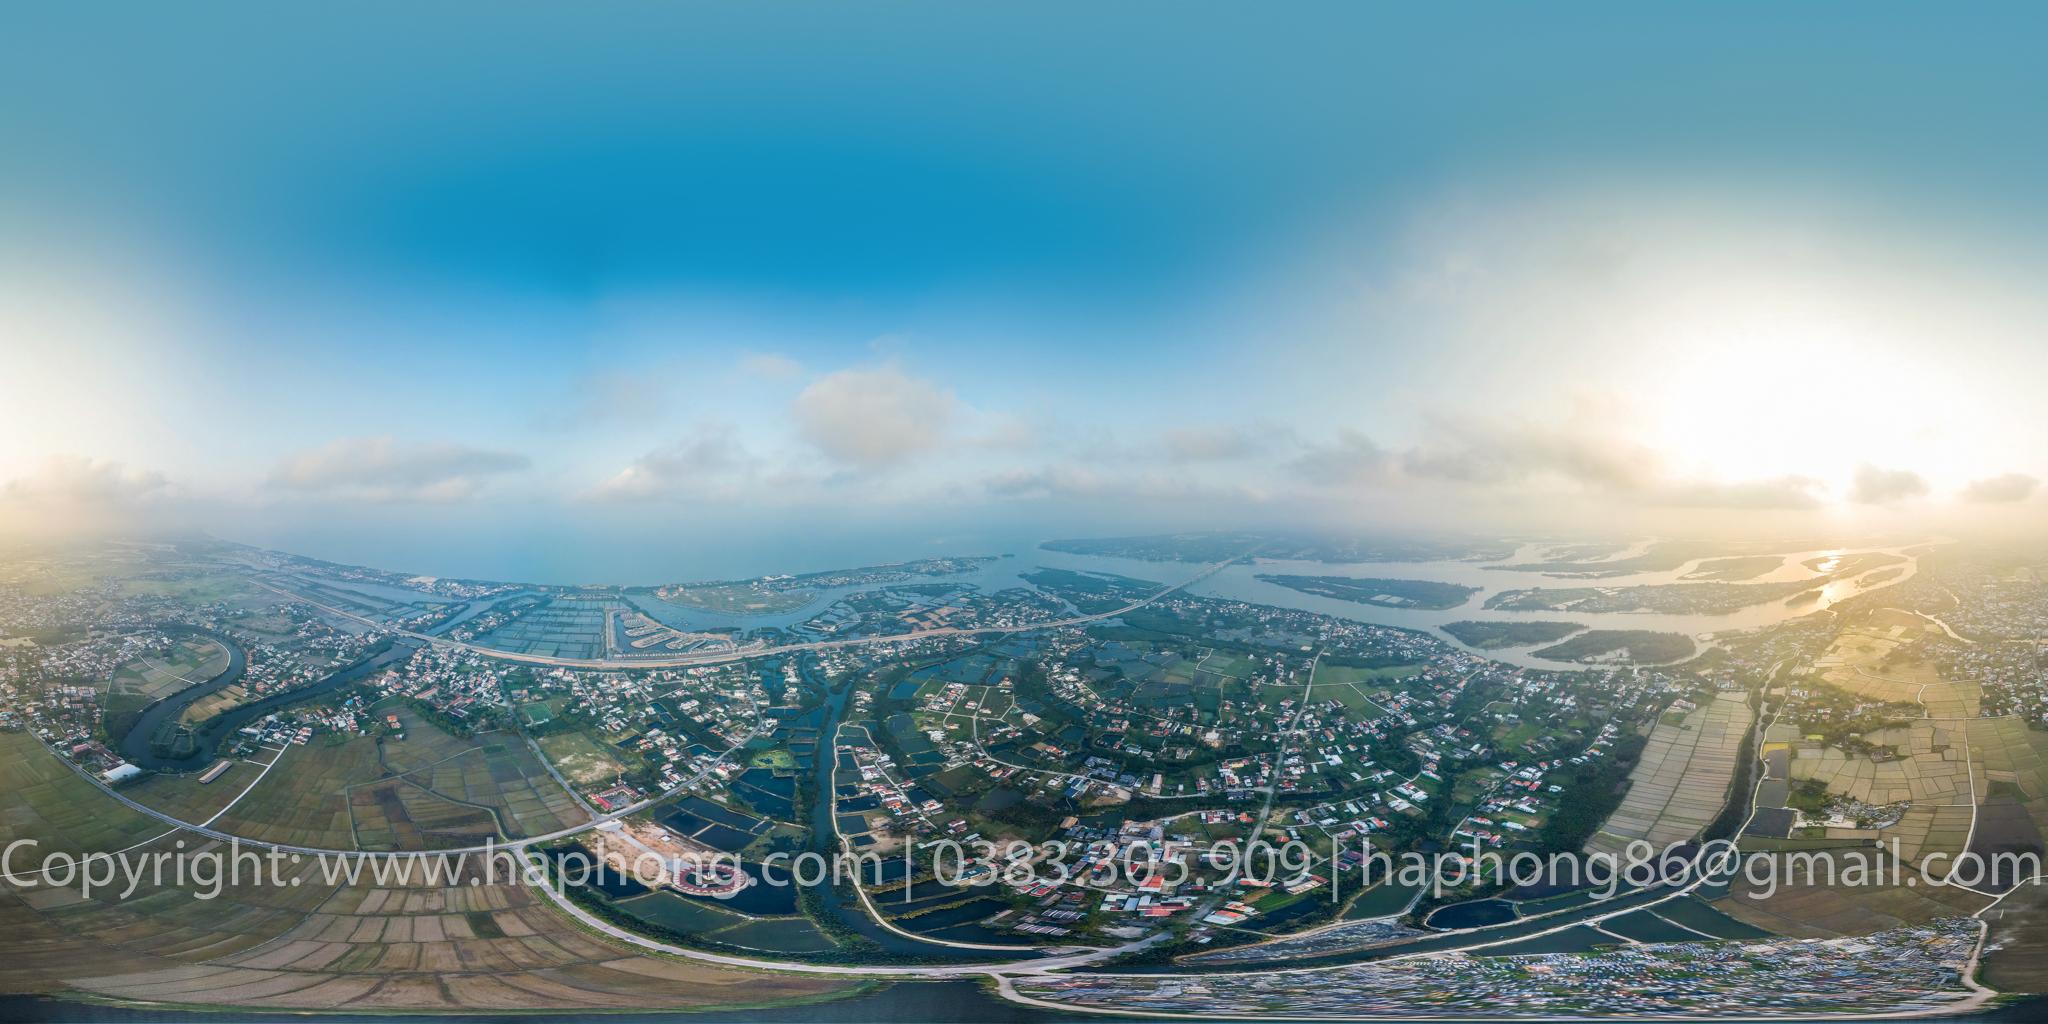 CHỤP ẢNH 360, 360 VIRTUAL TOURS, GOOGLE BUSINESS VIEW: xã Cẩm Thanh, Hội An, Quảng Nam